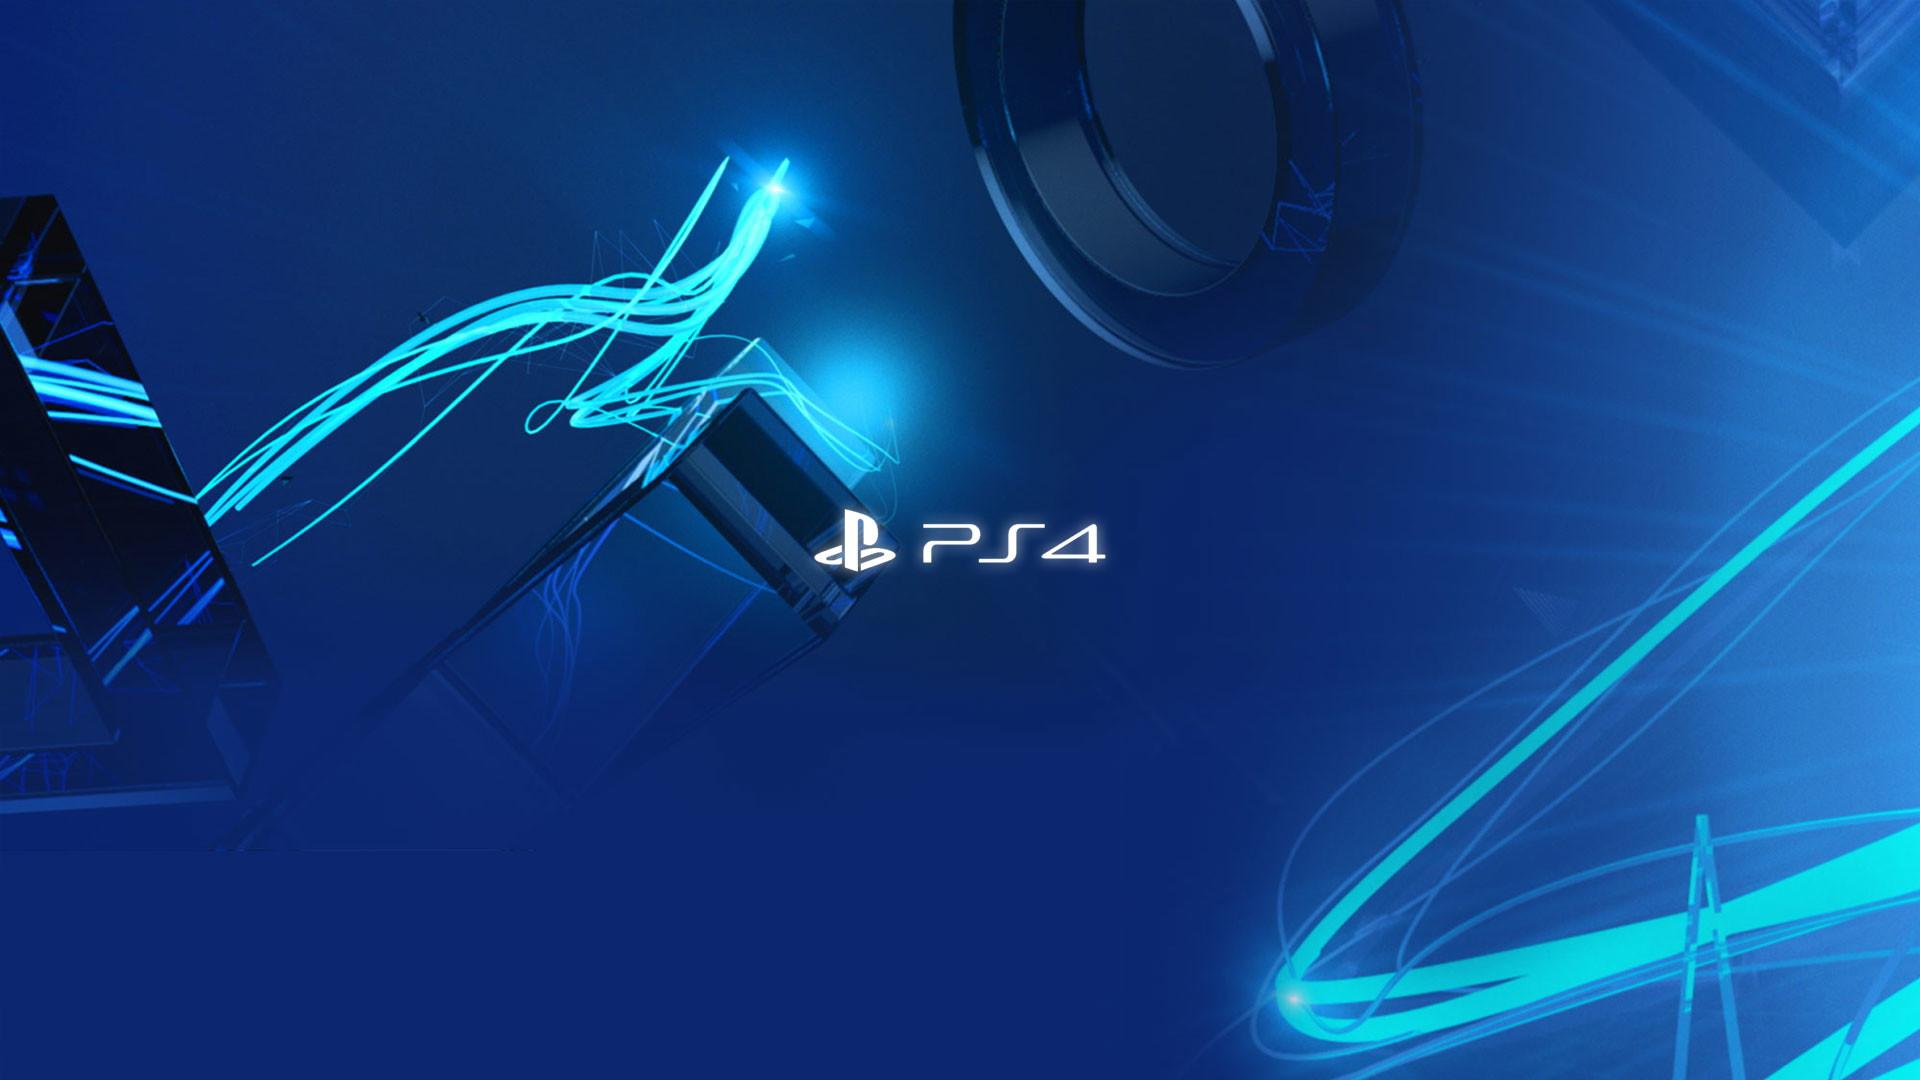 … Sony PlayStation 4 Wallpaper …